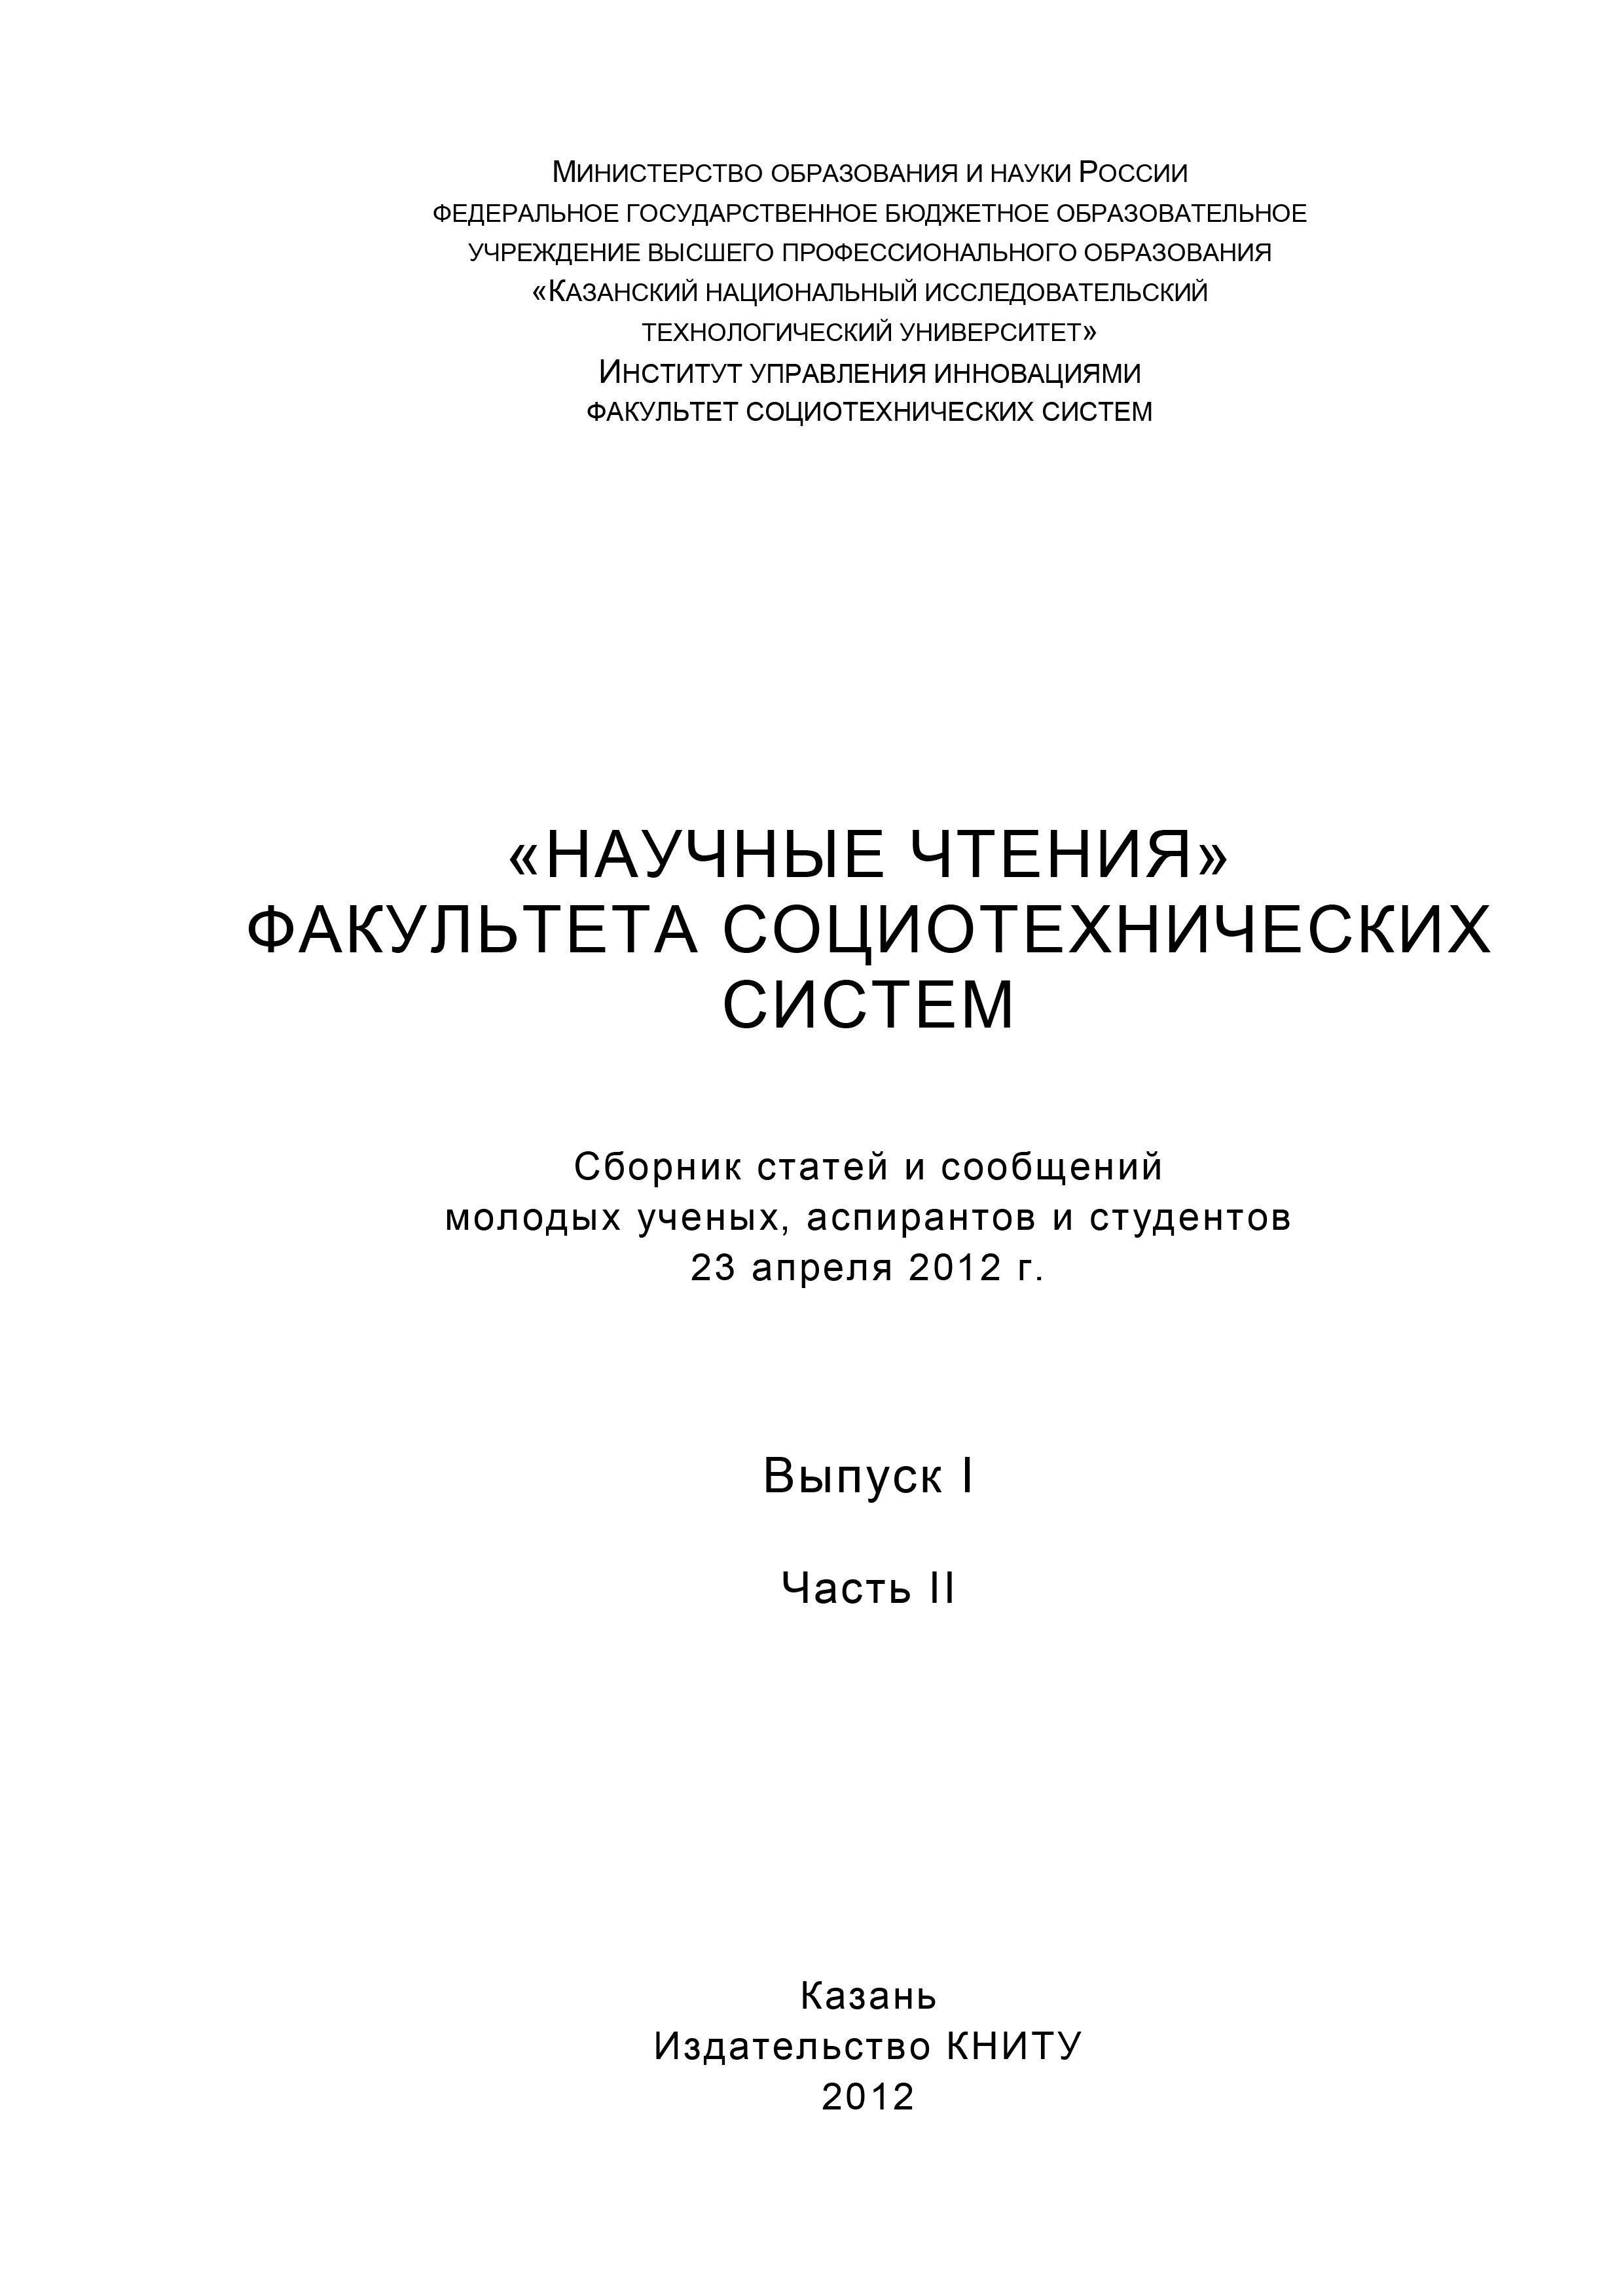 Коллектив авторов «Научные чтения» факультета социотехнических систем. Выпуск 1. Часть II